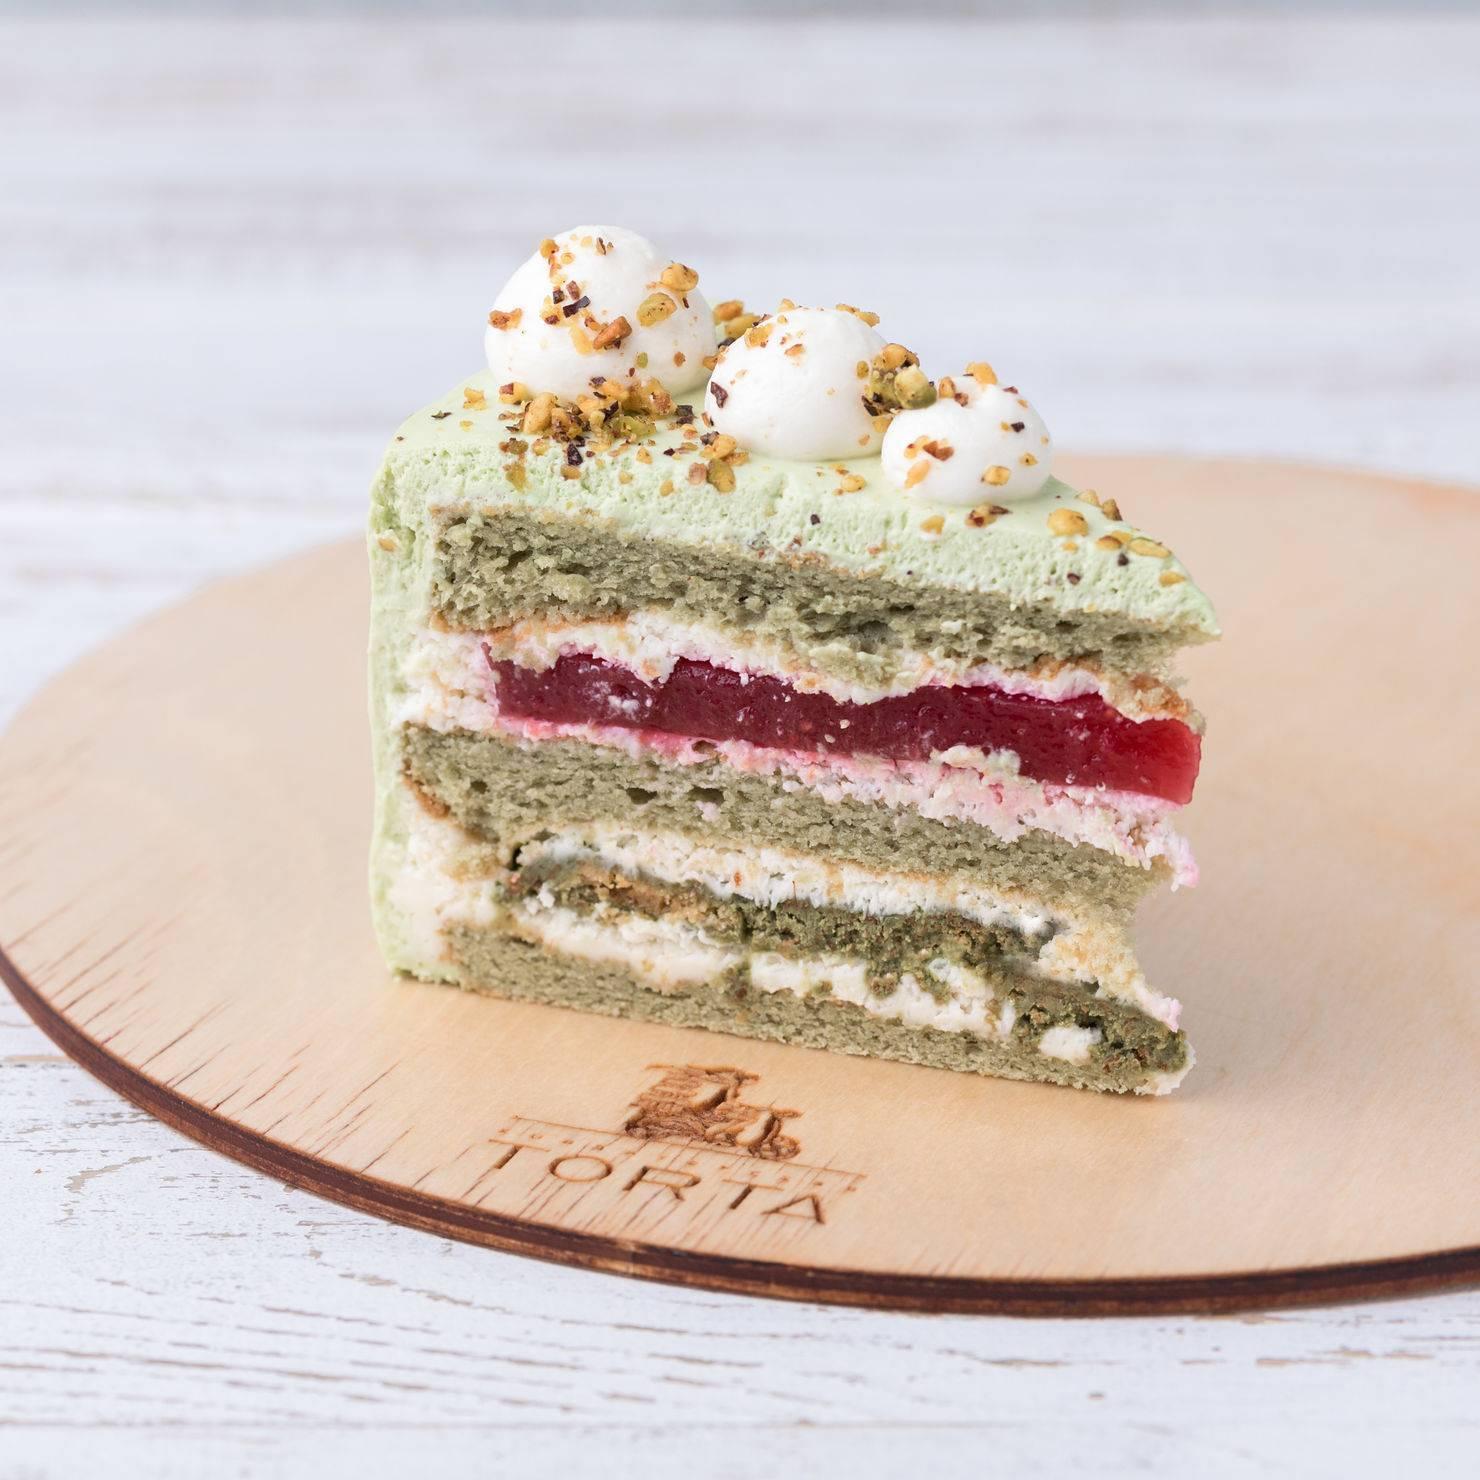 Фисташка, малина - рецепт идеального десерта